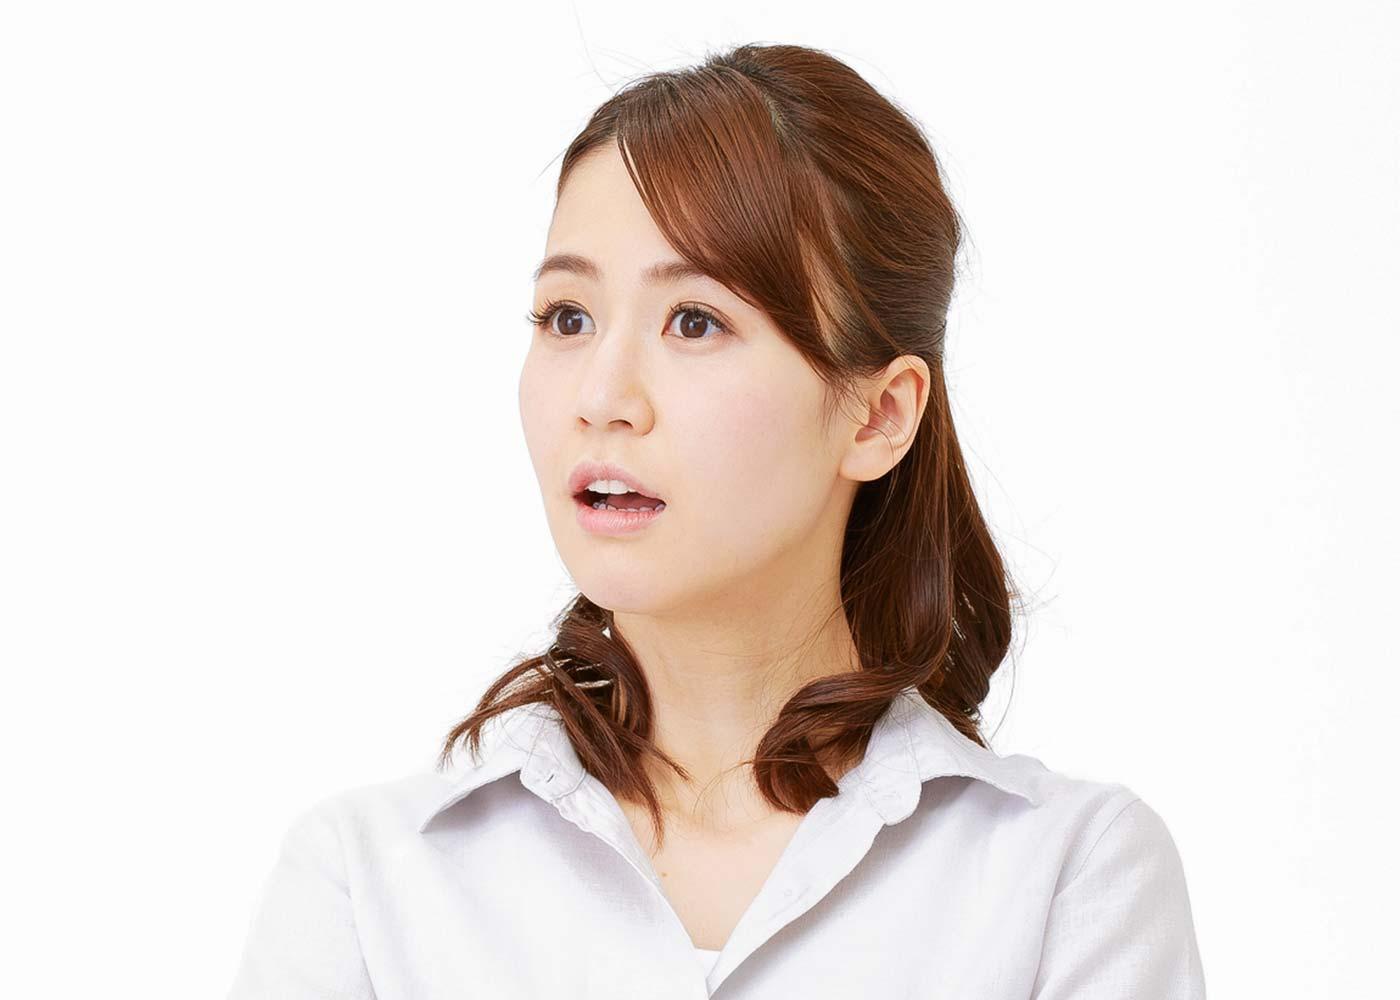 老化を促進するNG習慣2:口呼吸をしている